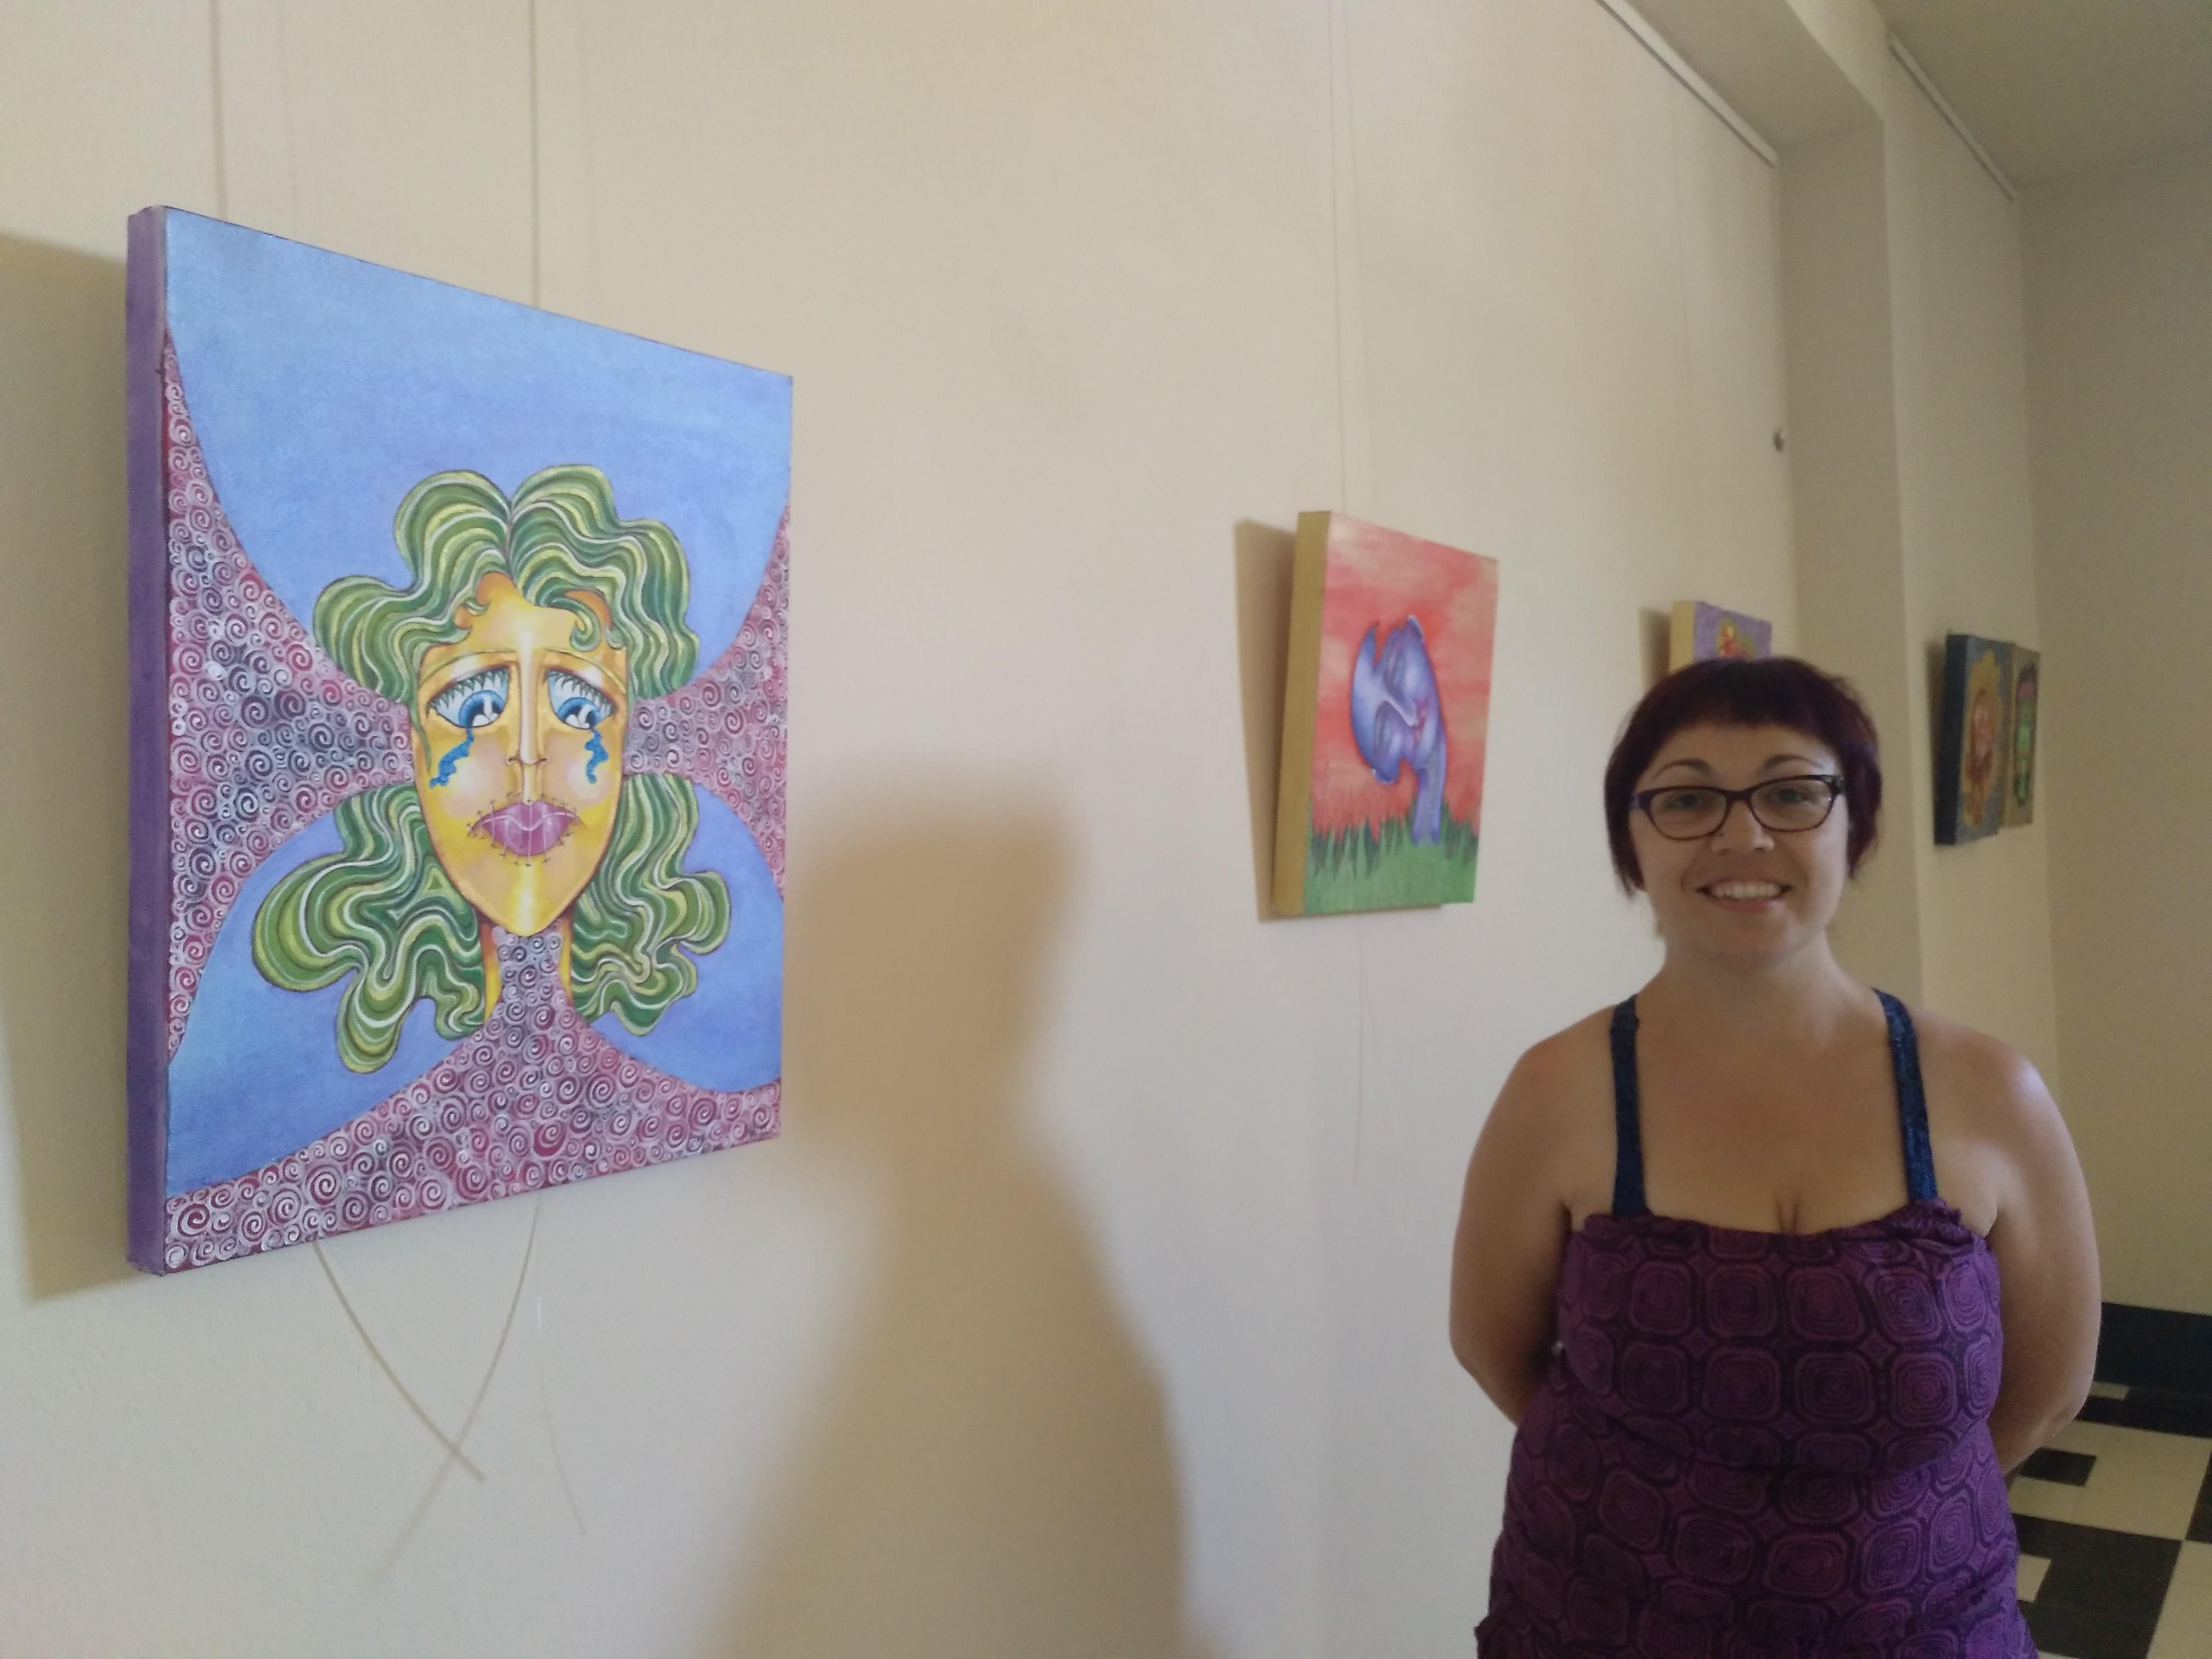 La sostenibilidad que apuesta por las emociones y el arte